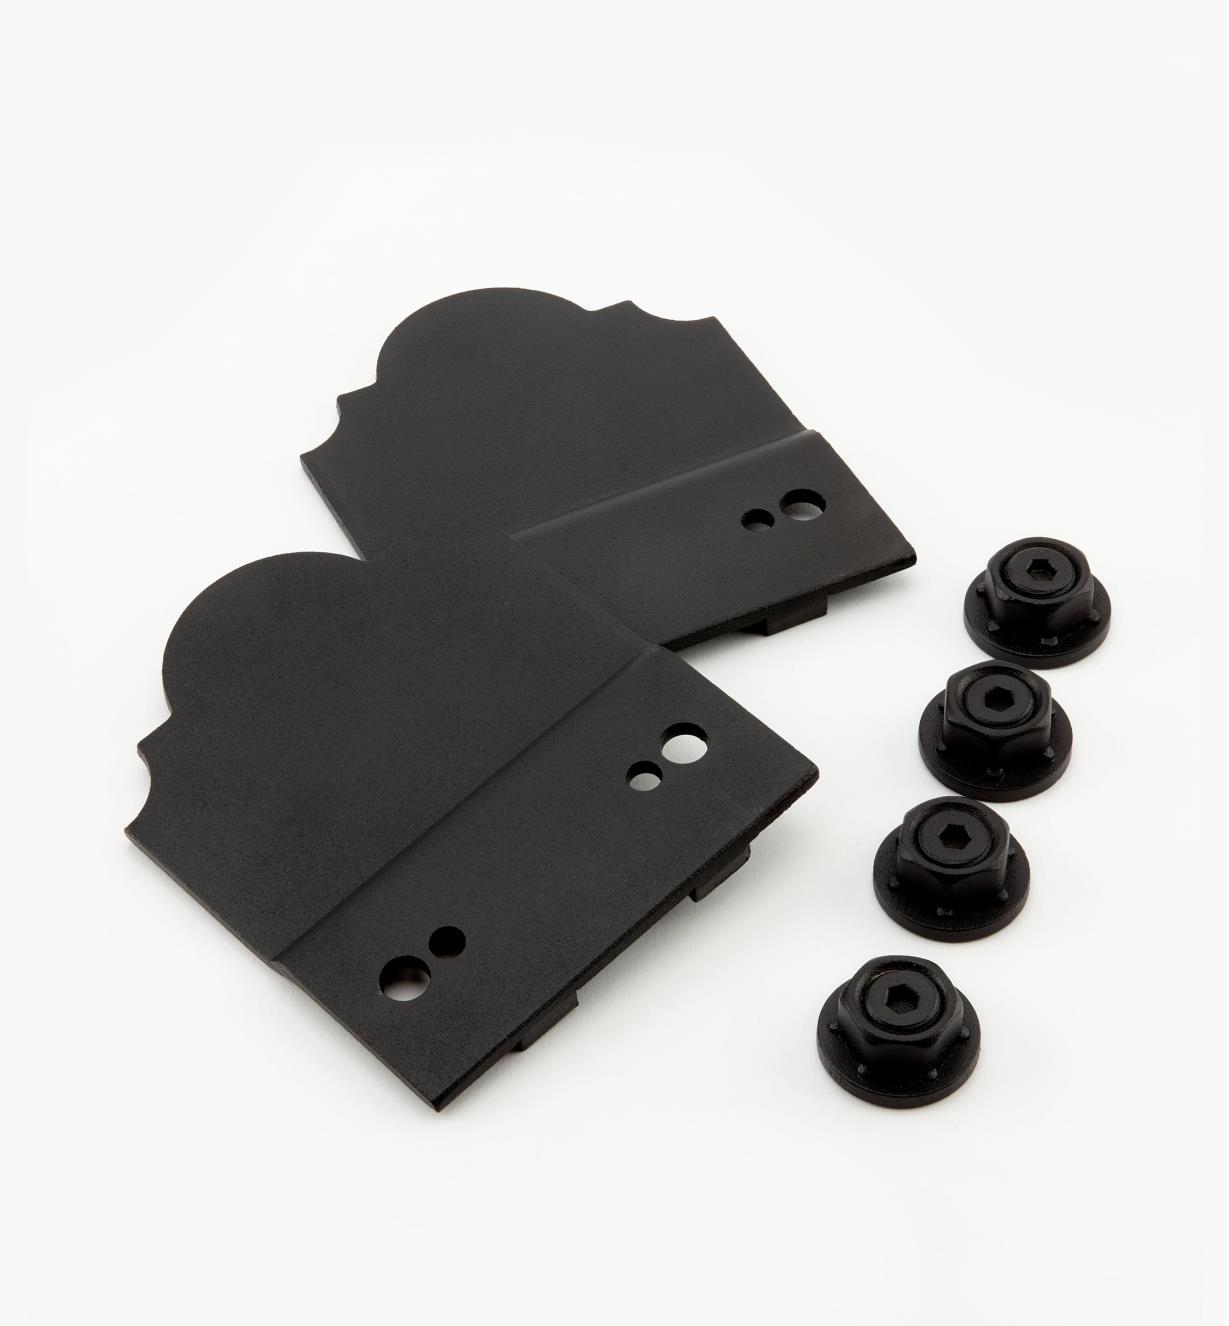 01S1850 - Ozco Accent Plates, pkg. of 2